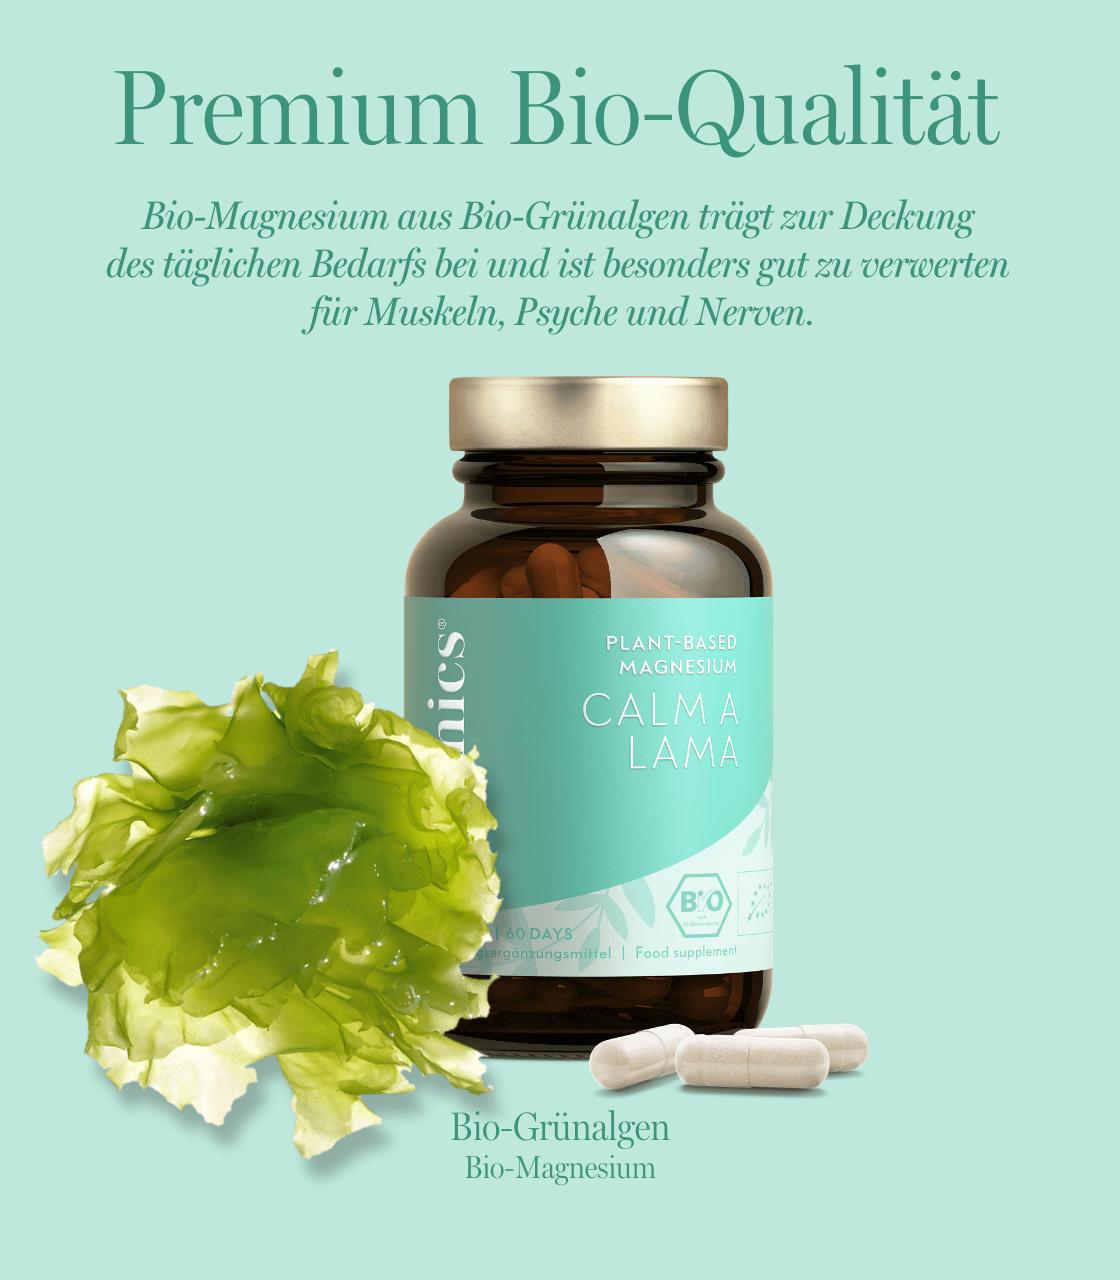 calmalama-plant-based-bio-magnesium-bio-nahrungsergaenzung